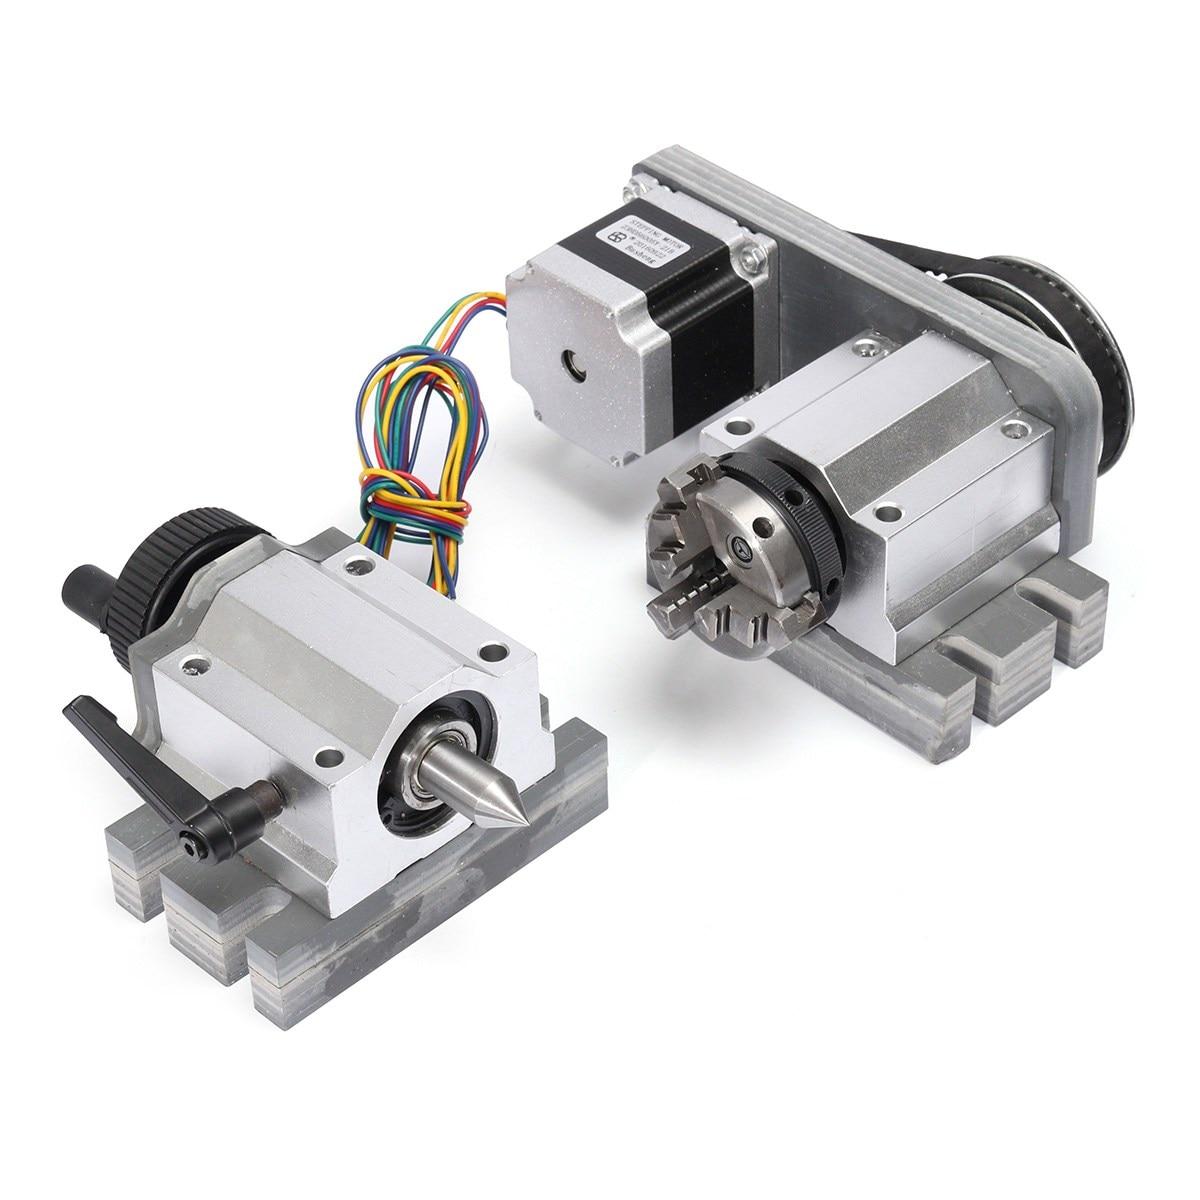 Router di CNC di Rotazione Asse Rotante A-axis 4th-axis-Jaw 80mm & Coda stock Motore Passo-passo per la Macchina per Incidere